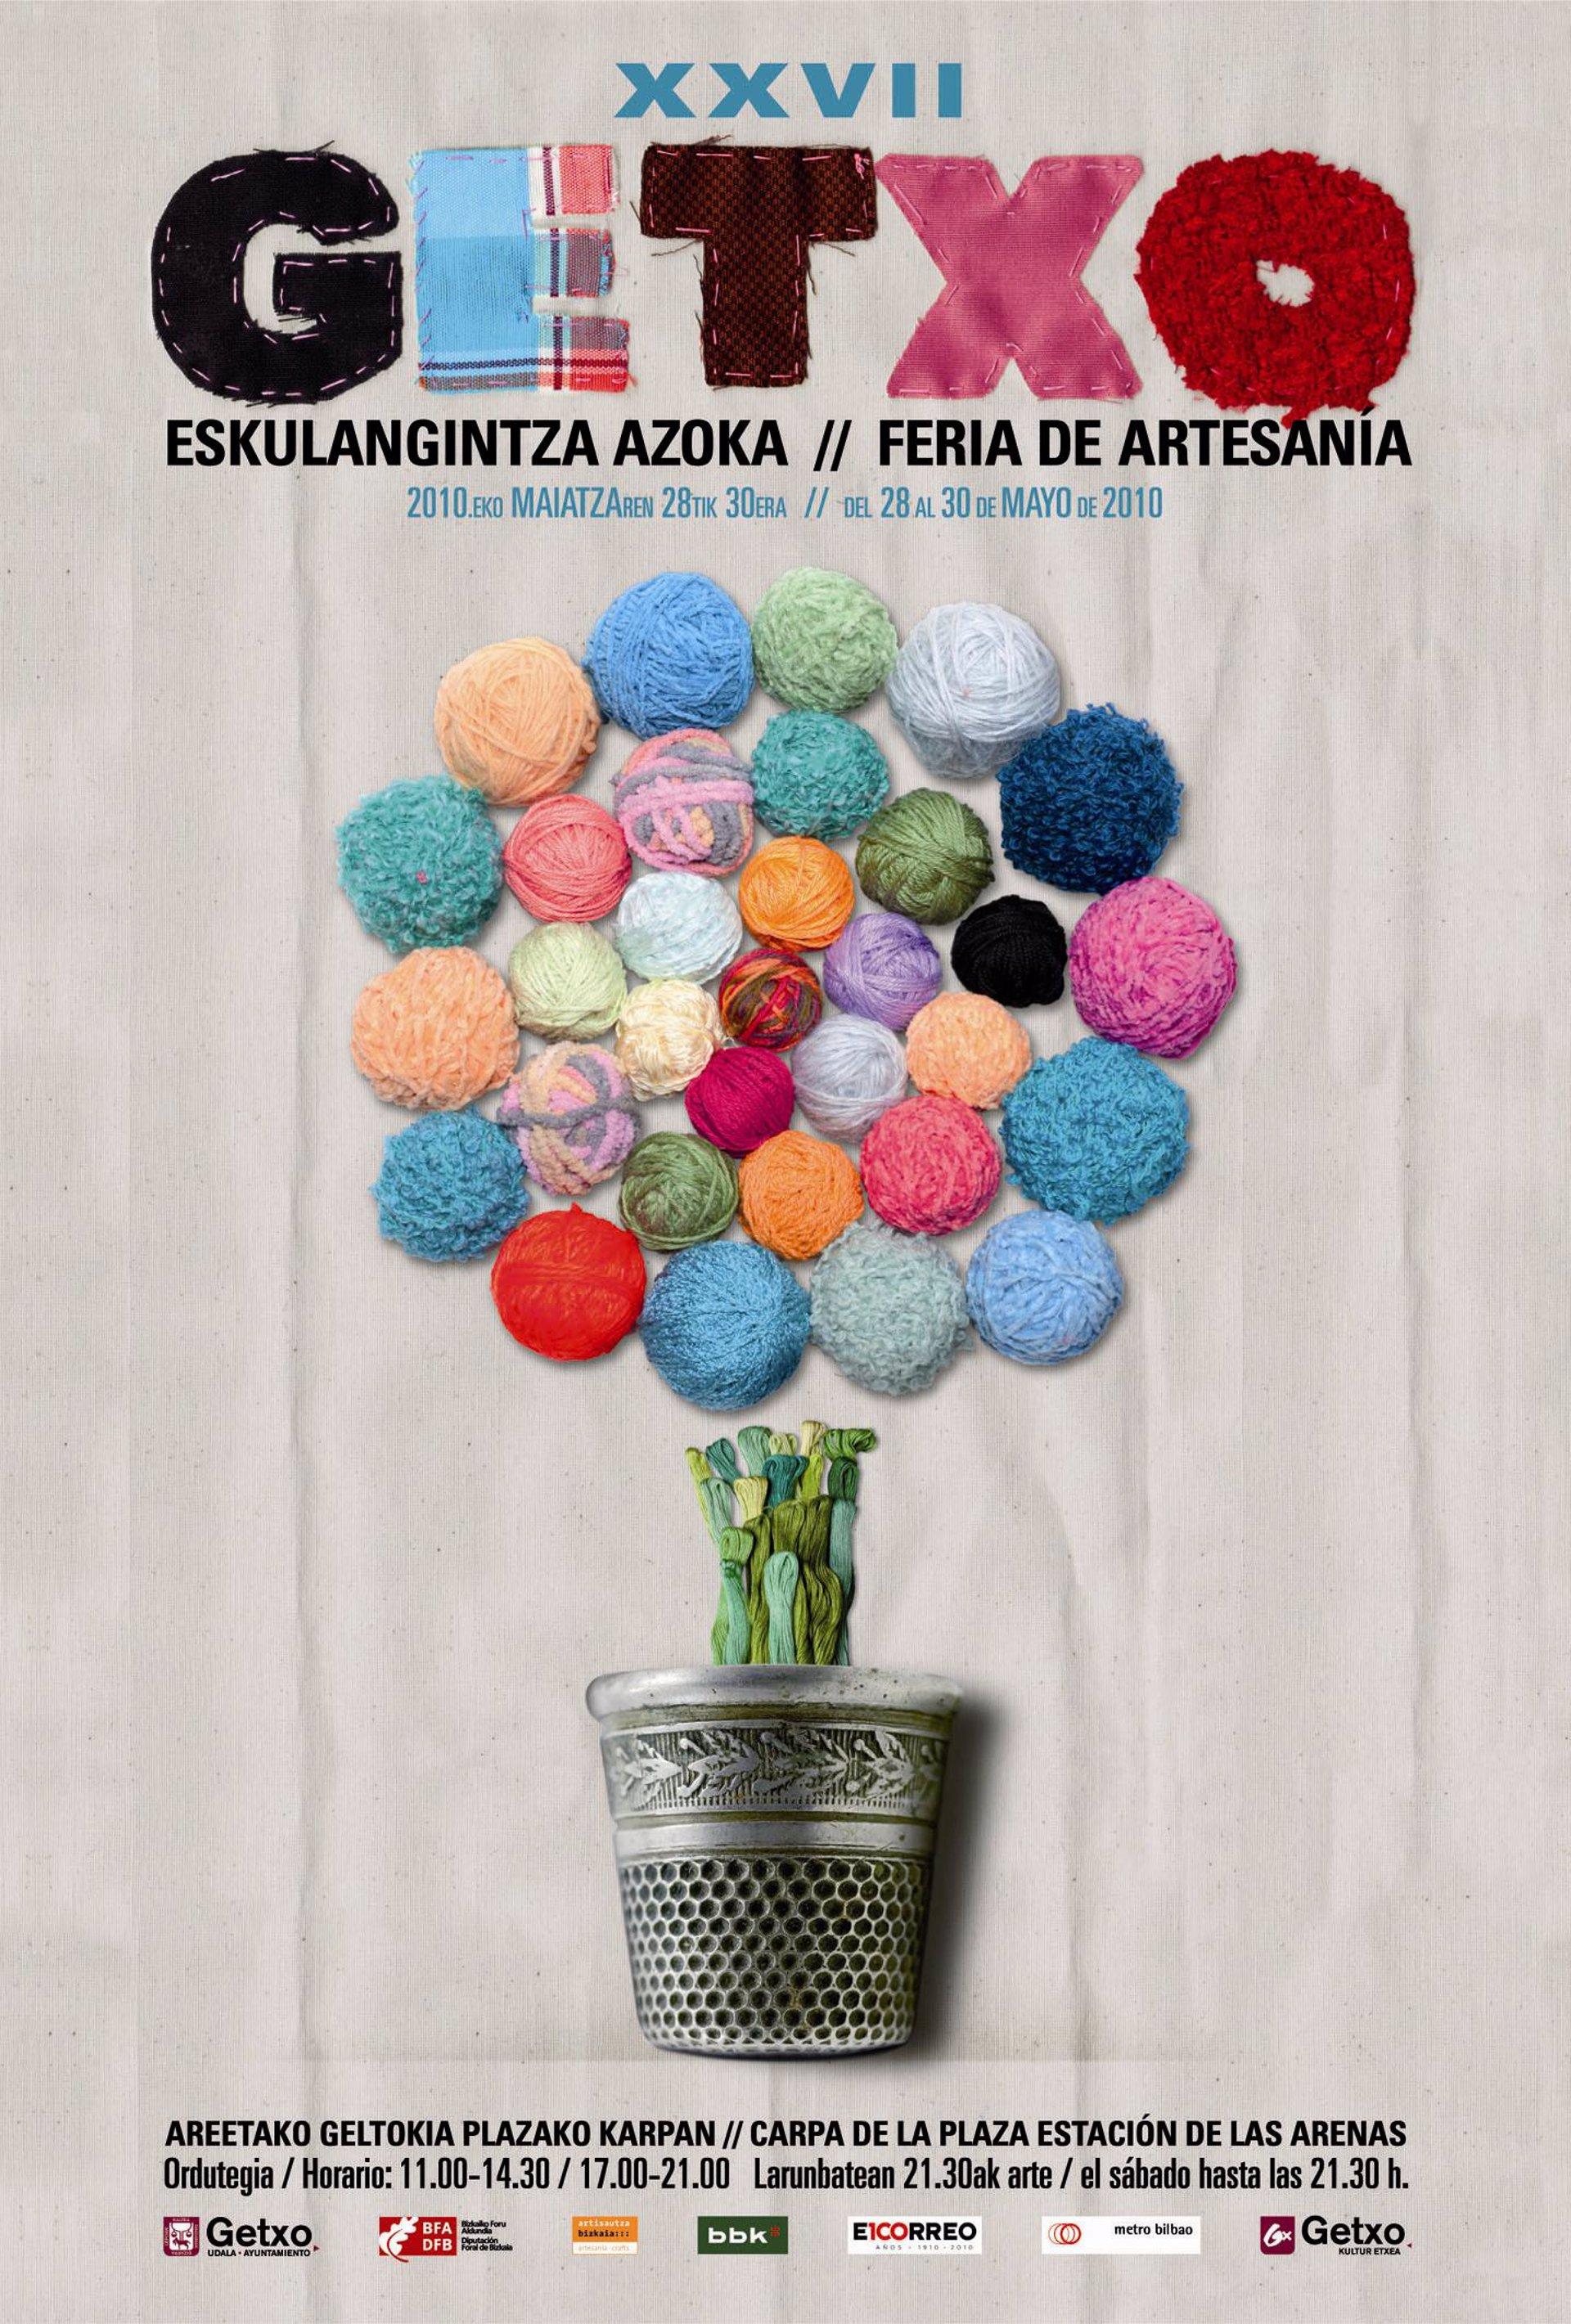 Getxo Celebra Del 28 Al 30 De Mayo La Xxvii Edición De La Feria De Artesanía Con La Presencia De 97 Artesanos